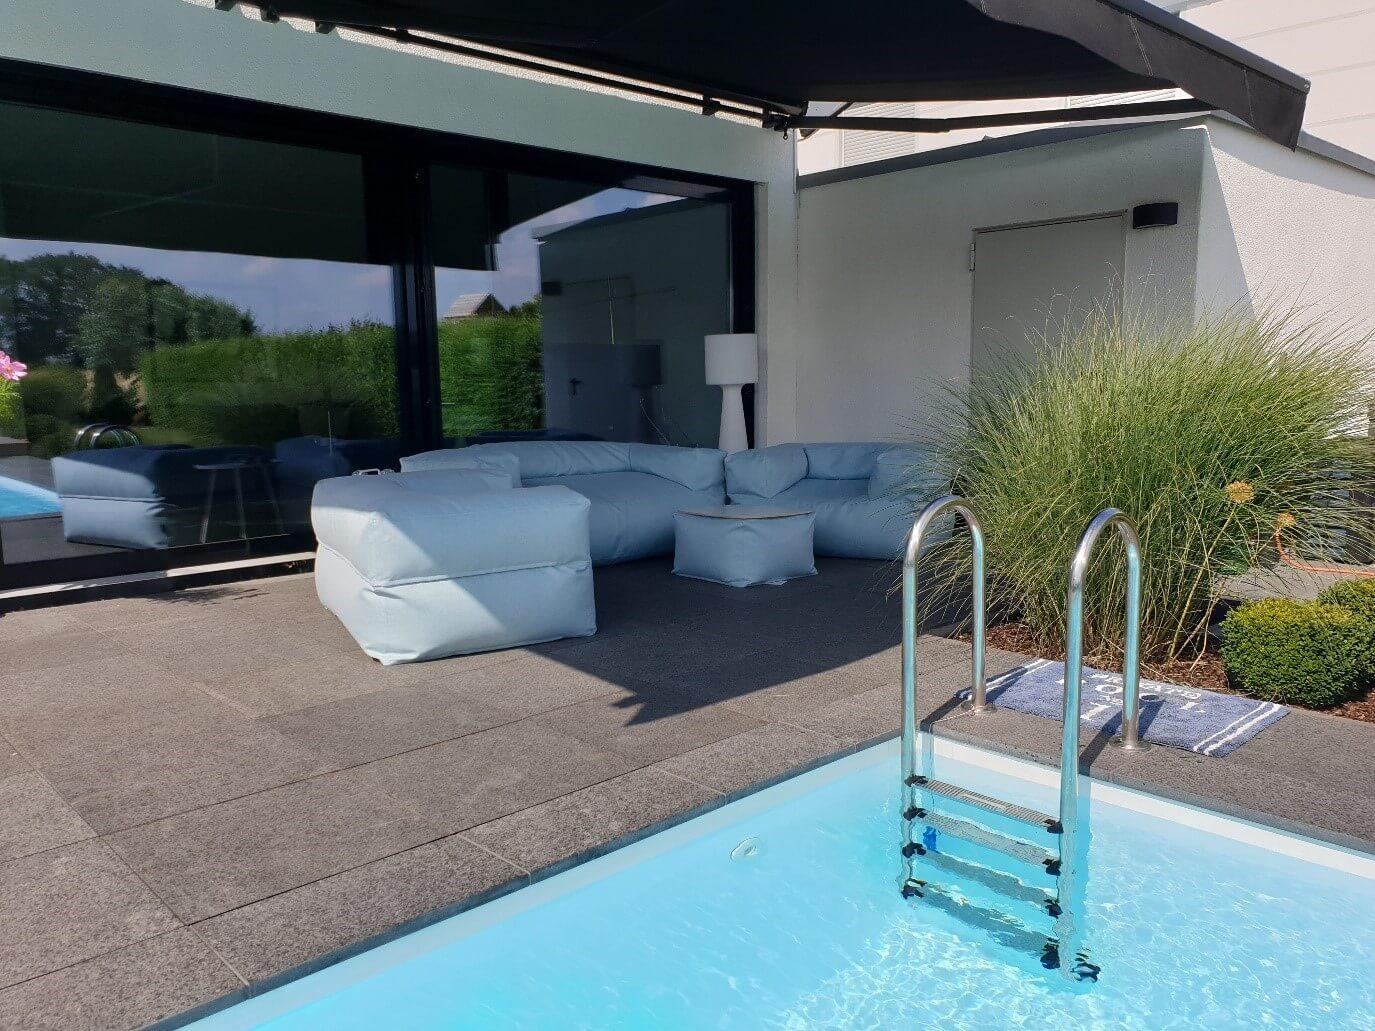 Sitzsack Set Moog aus dem hellblauen Stoff auf der Terrasse